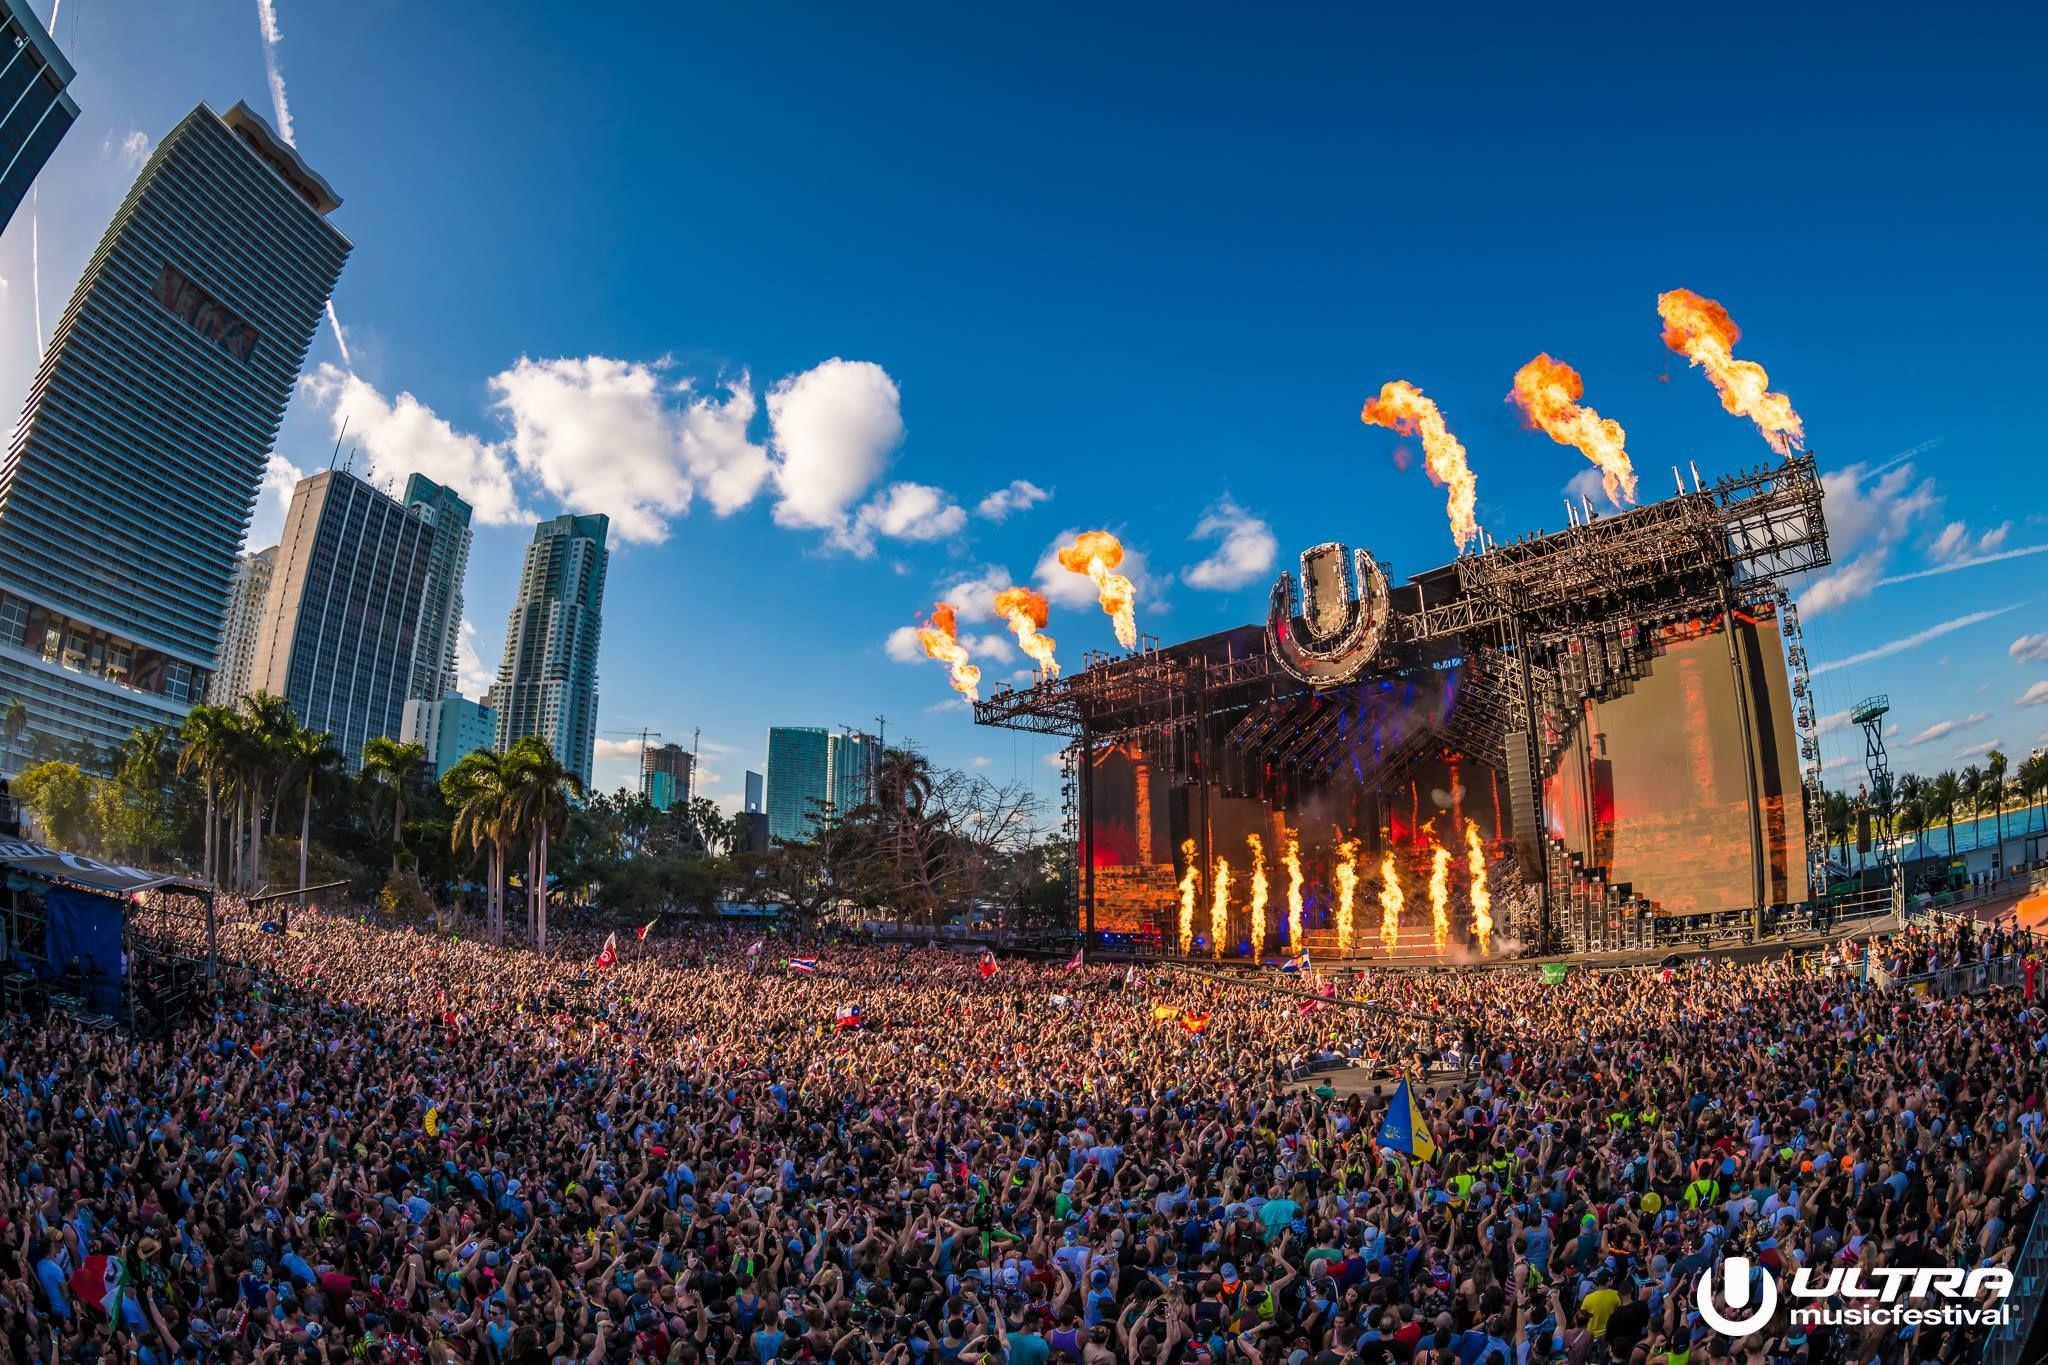 10 buenas razones para que este año acudas a Ultra Music Festival